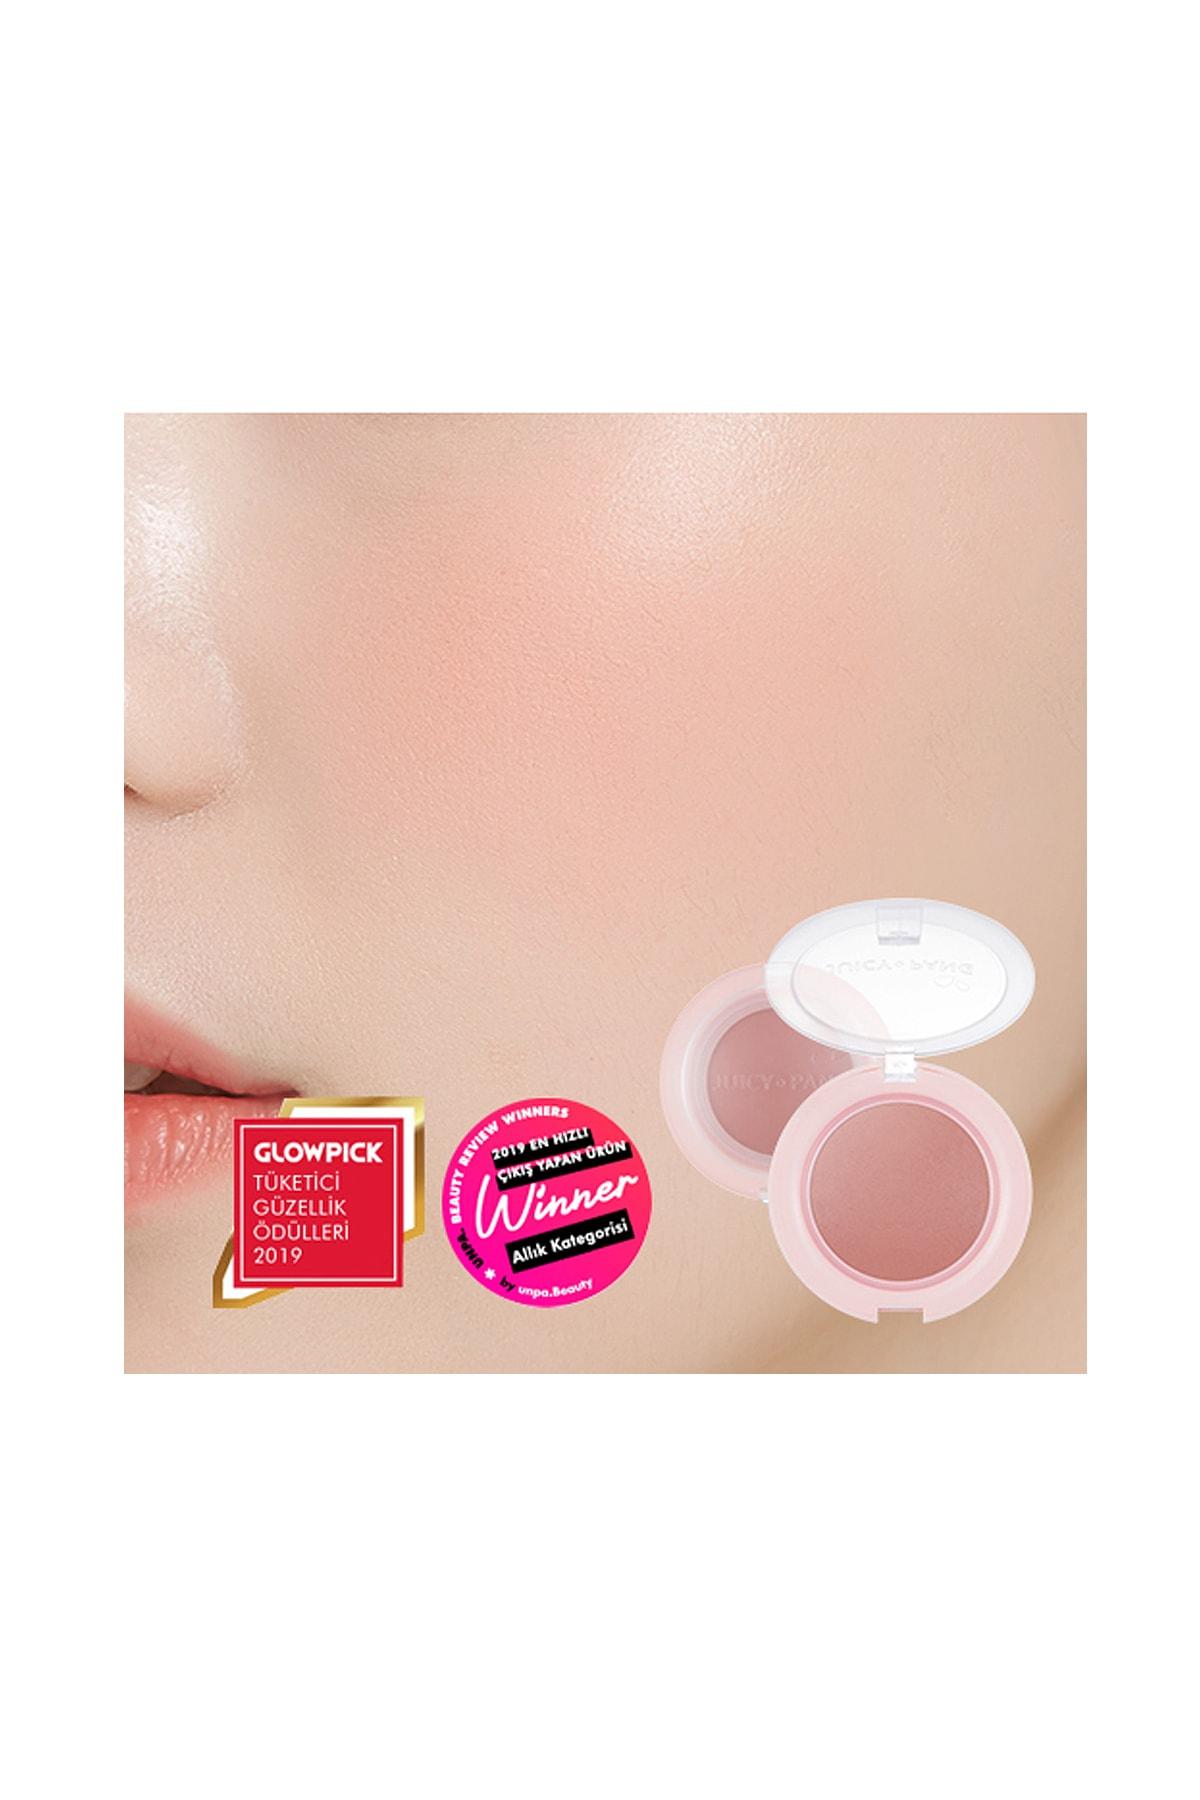 Missha Meyve Tonlarında Doğal Görünümlü Jel Allık APIEU Juicy-Pang Jelly Blusher (BE01)